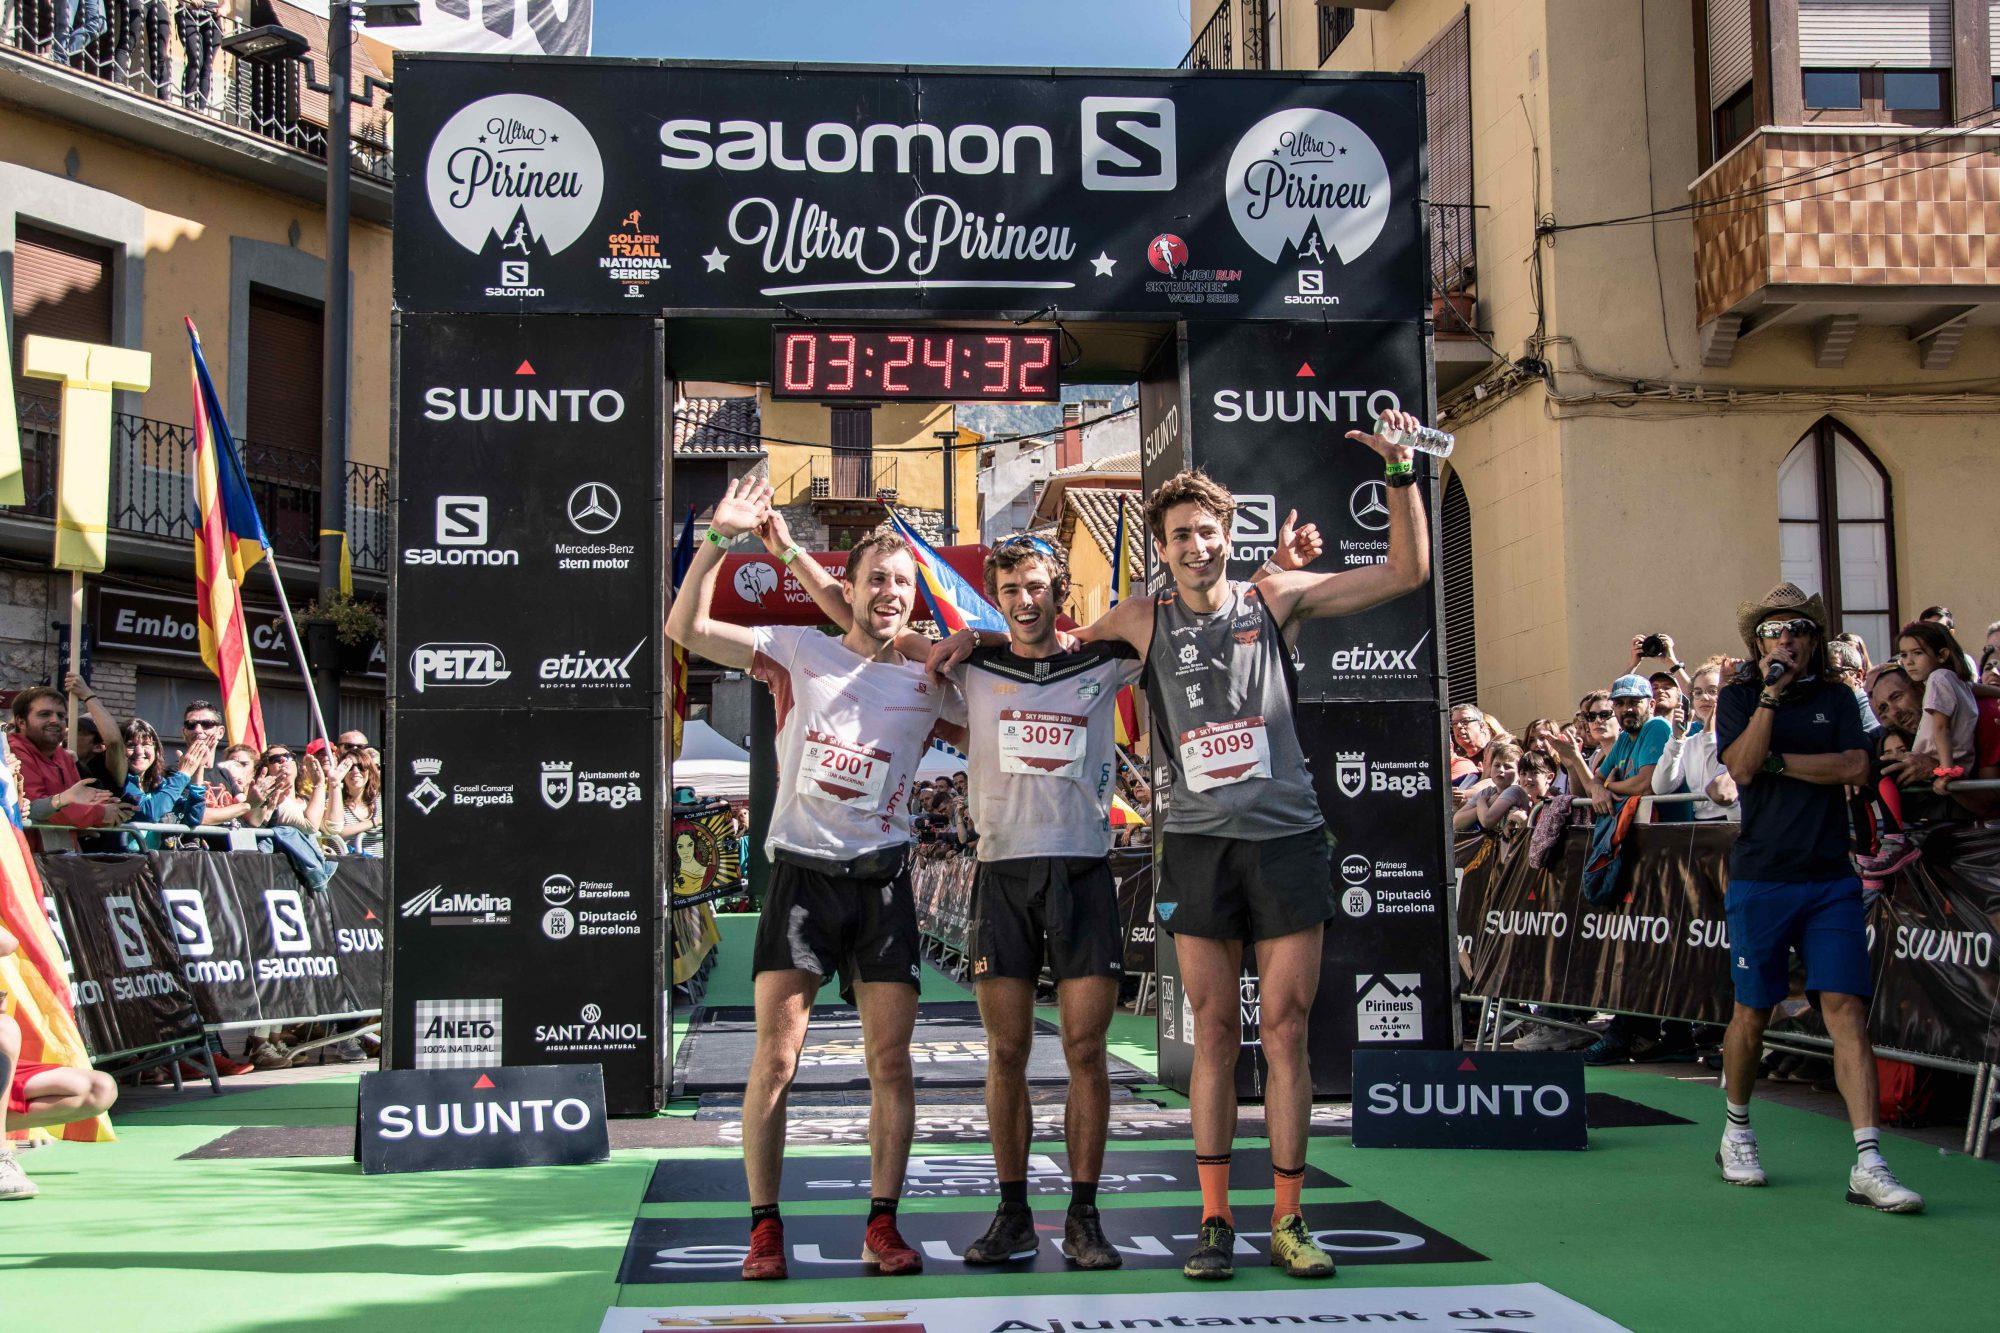 スカイピレネートップ3 左からスティアン・アンゲルムン(2位)、ジャン・マルガリ(1位)、オリオル・カルドナ(3位)©MRSWS _ Roger Salanova